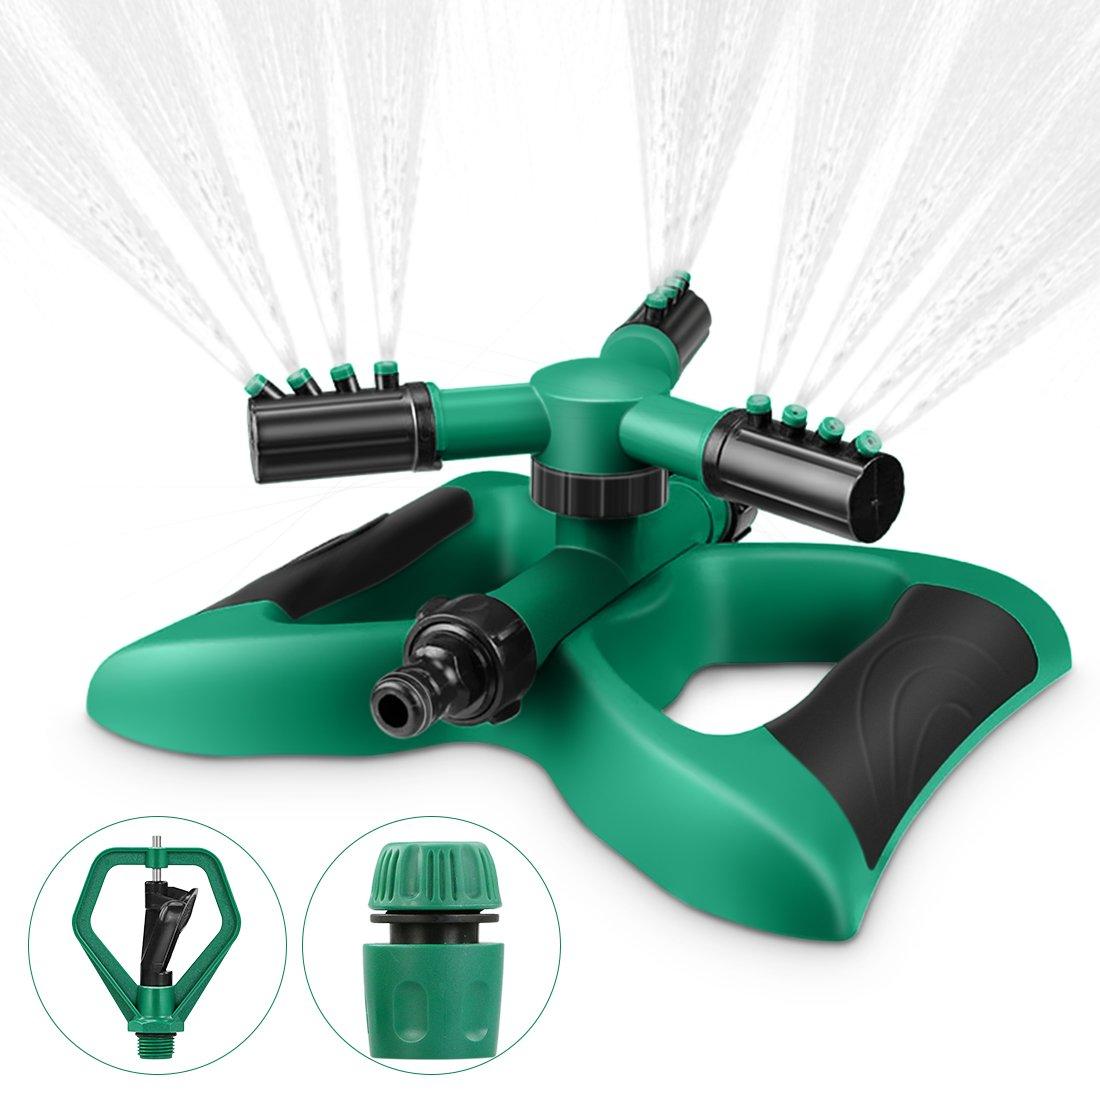 Magicfun Irrigatore Per Giardino,Irrigatore Rotante Sprinkler 360 °Rotante Spruzzatore A 3 Bracci A Lungo Raggio,Adatto per Prato, Giardino, Verde e Nero